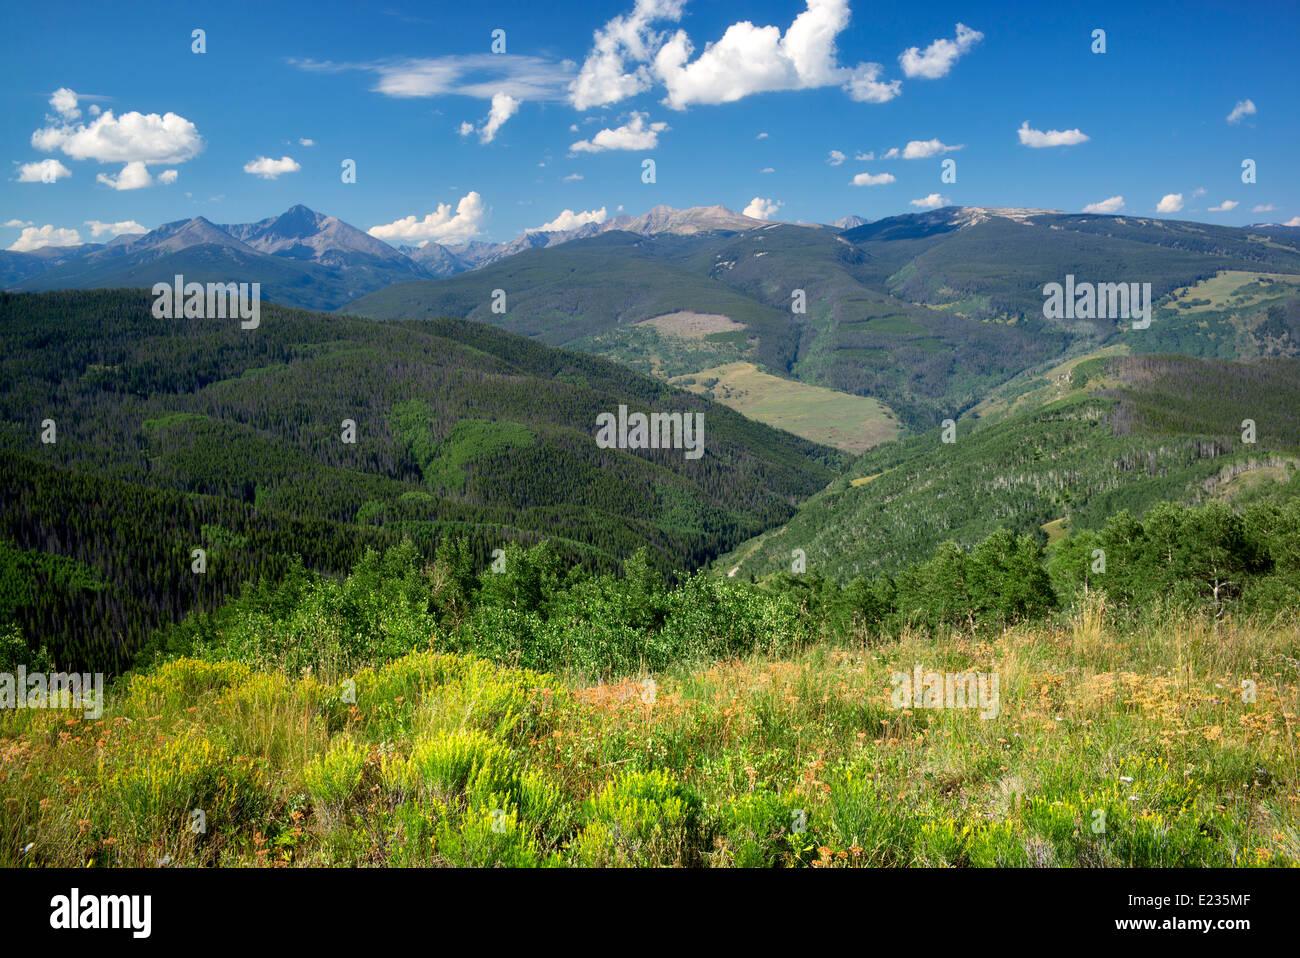 Les Sawatch Range avec la bigelovie et nuages. Près de Vail au Colorado Photo Stock